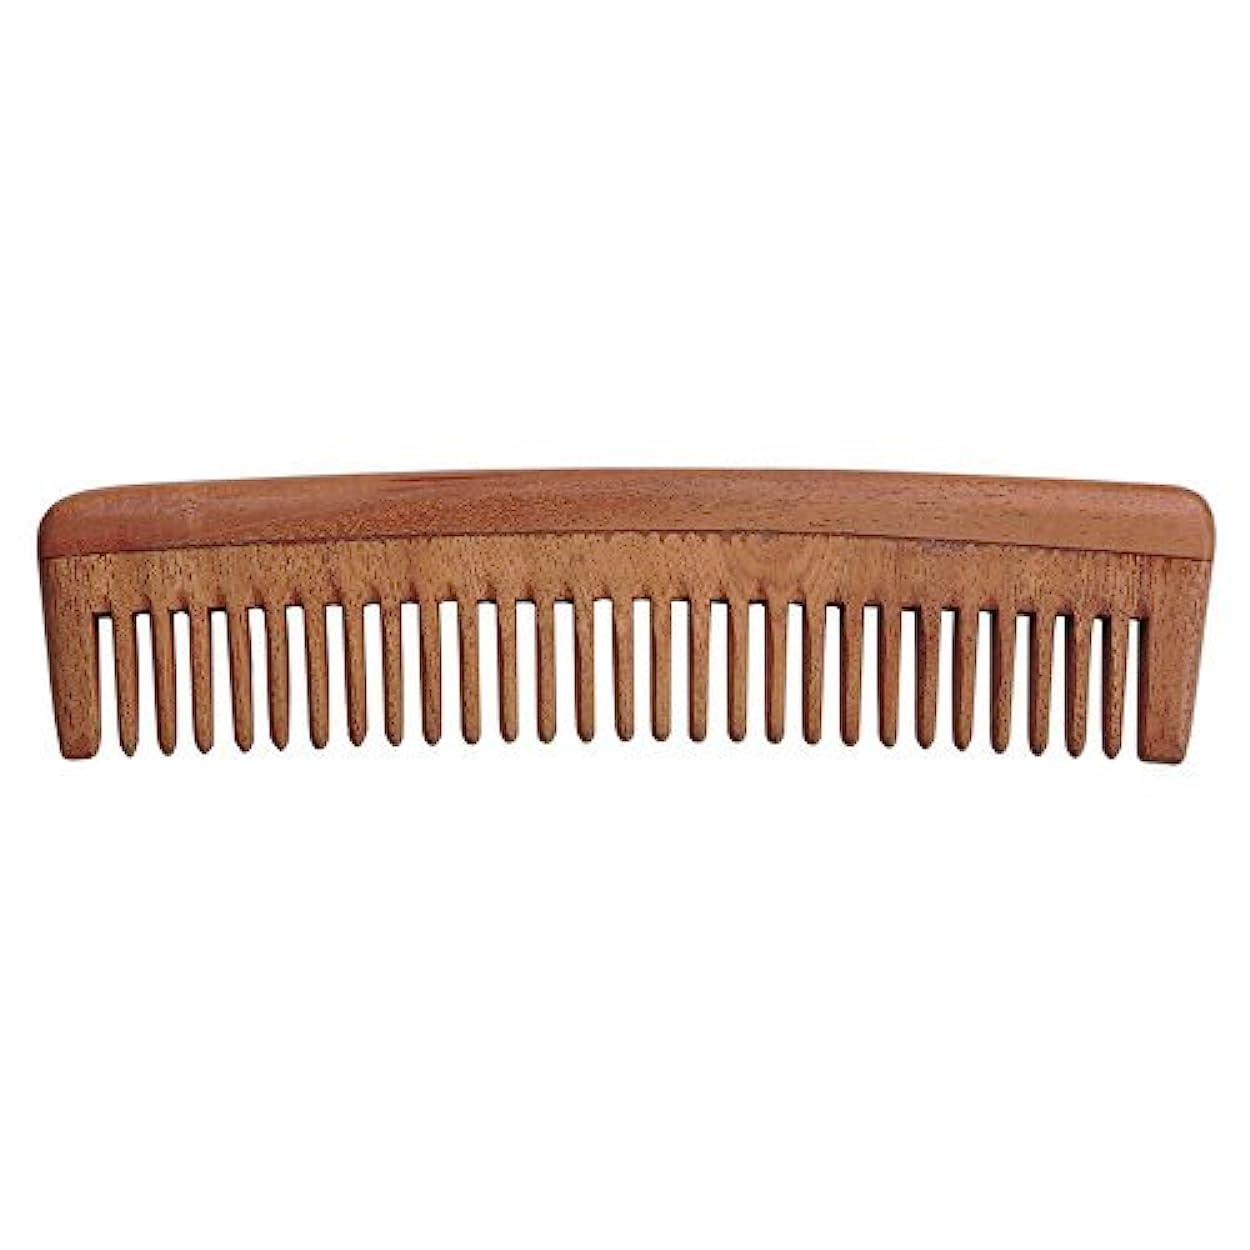 予防接種乏しい多様なHealthGoodsIn - Pure Neem Wood Wide Tooth Comb for Shiny Hair   Wide Tooth Comb   Natural and Organic for Hair...